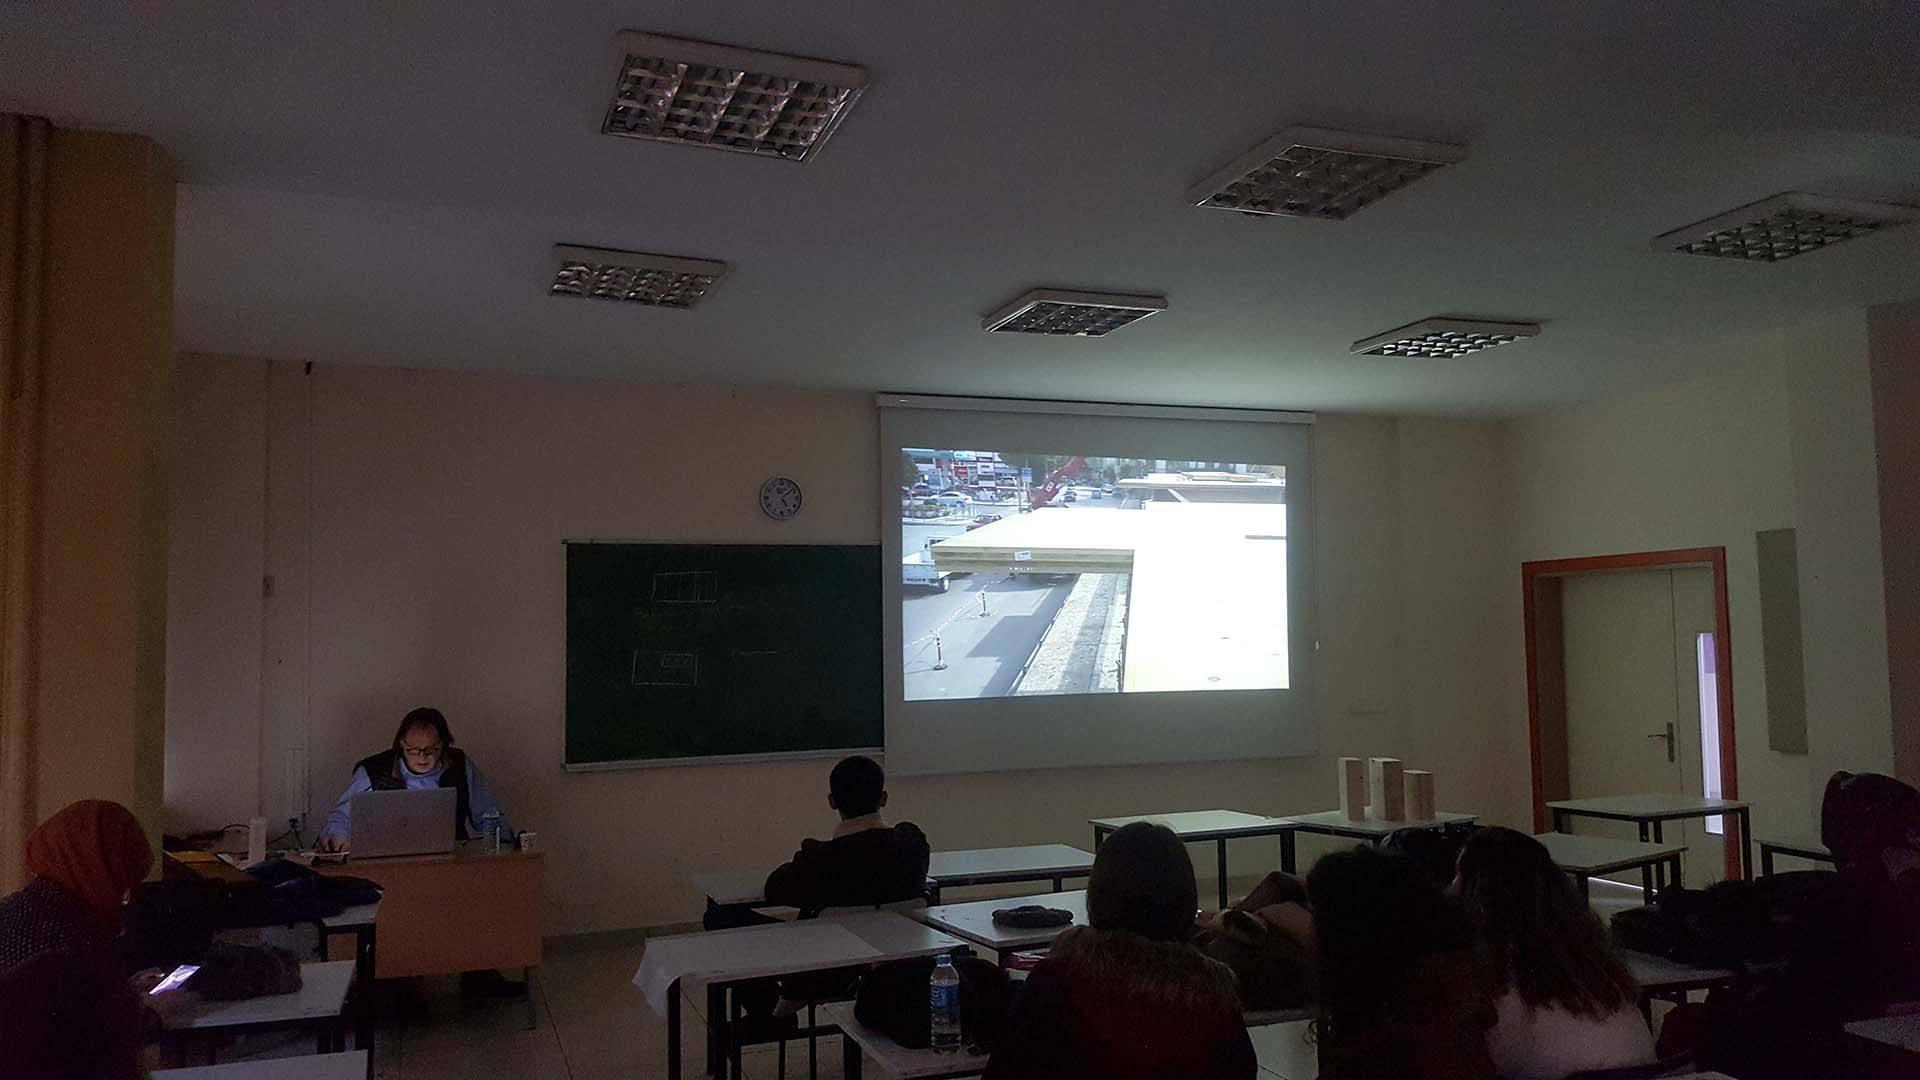 Kocaeli Üniversitesi Mimarlık Fakültesi - Seminer